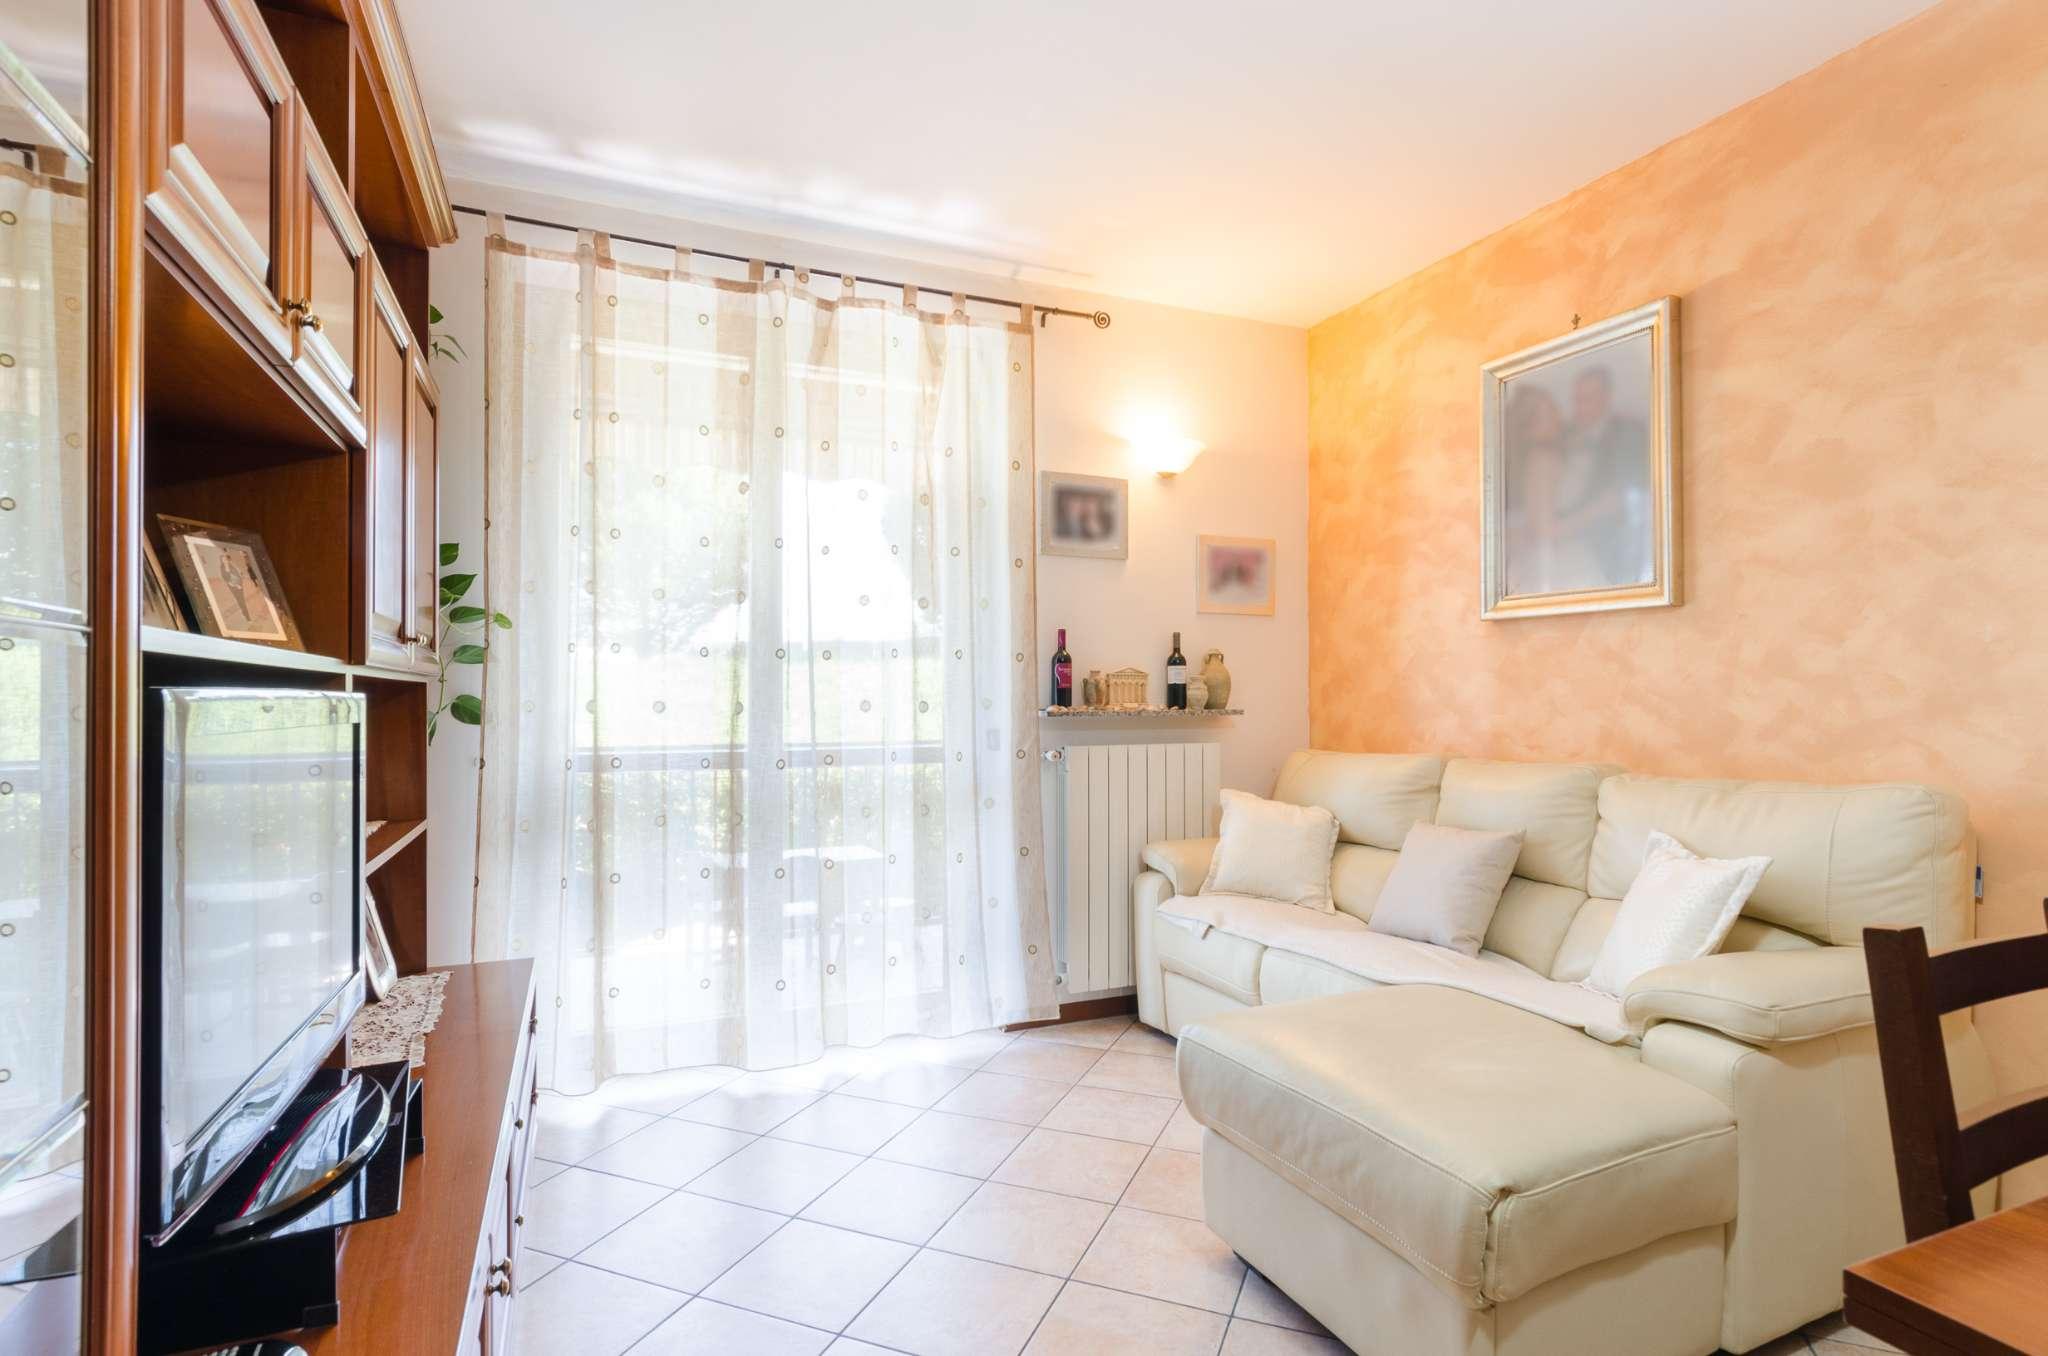 Appartamento in vendita a Brembate di Sopra, 3 locali, prezzo € 115.000 | CambioCasa.it